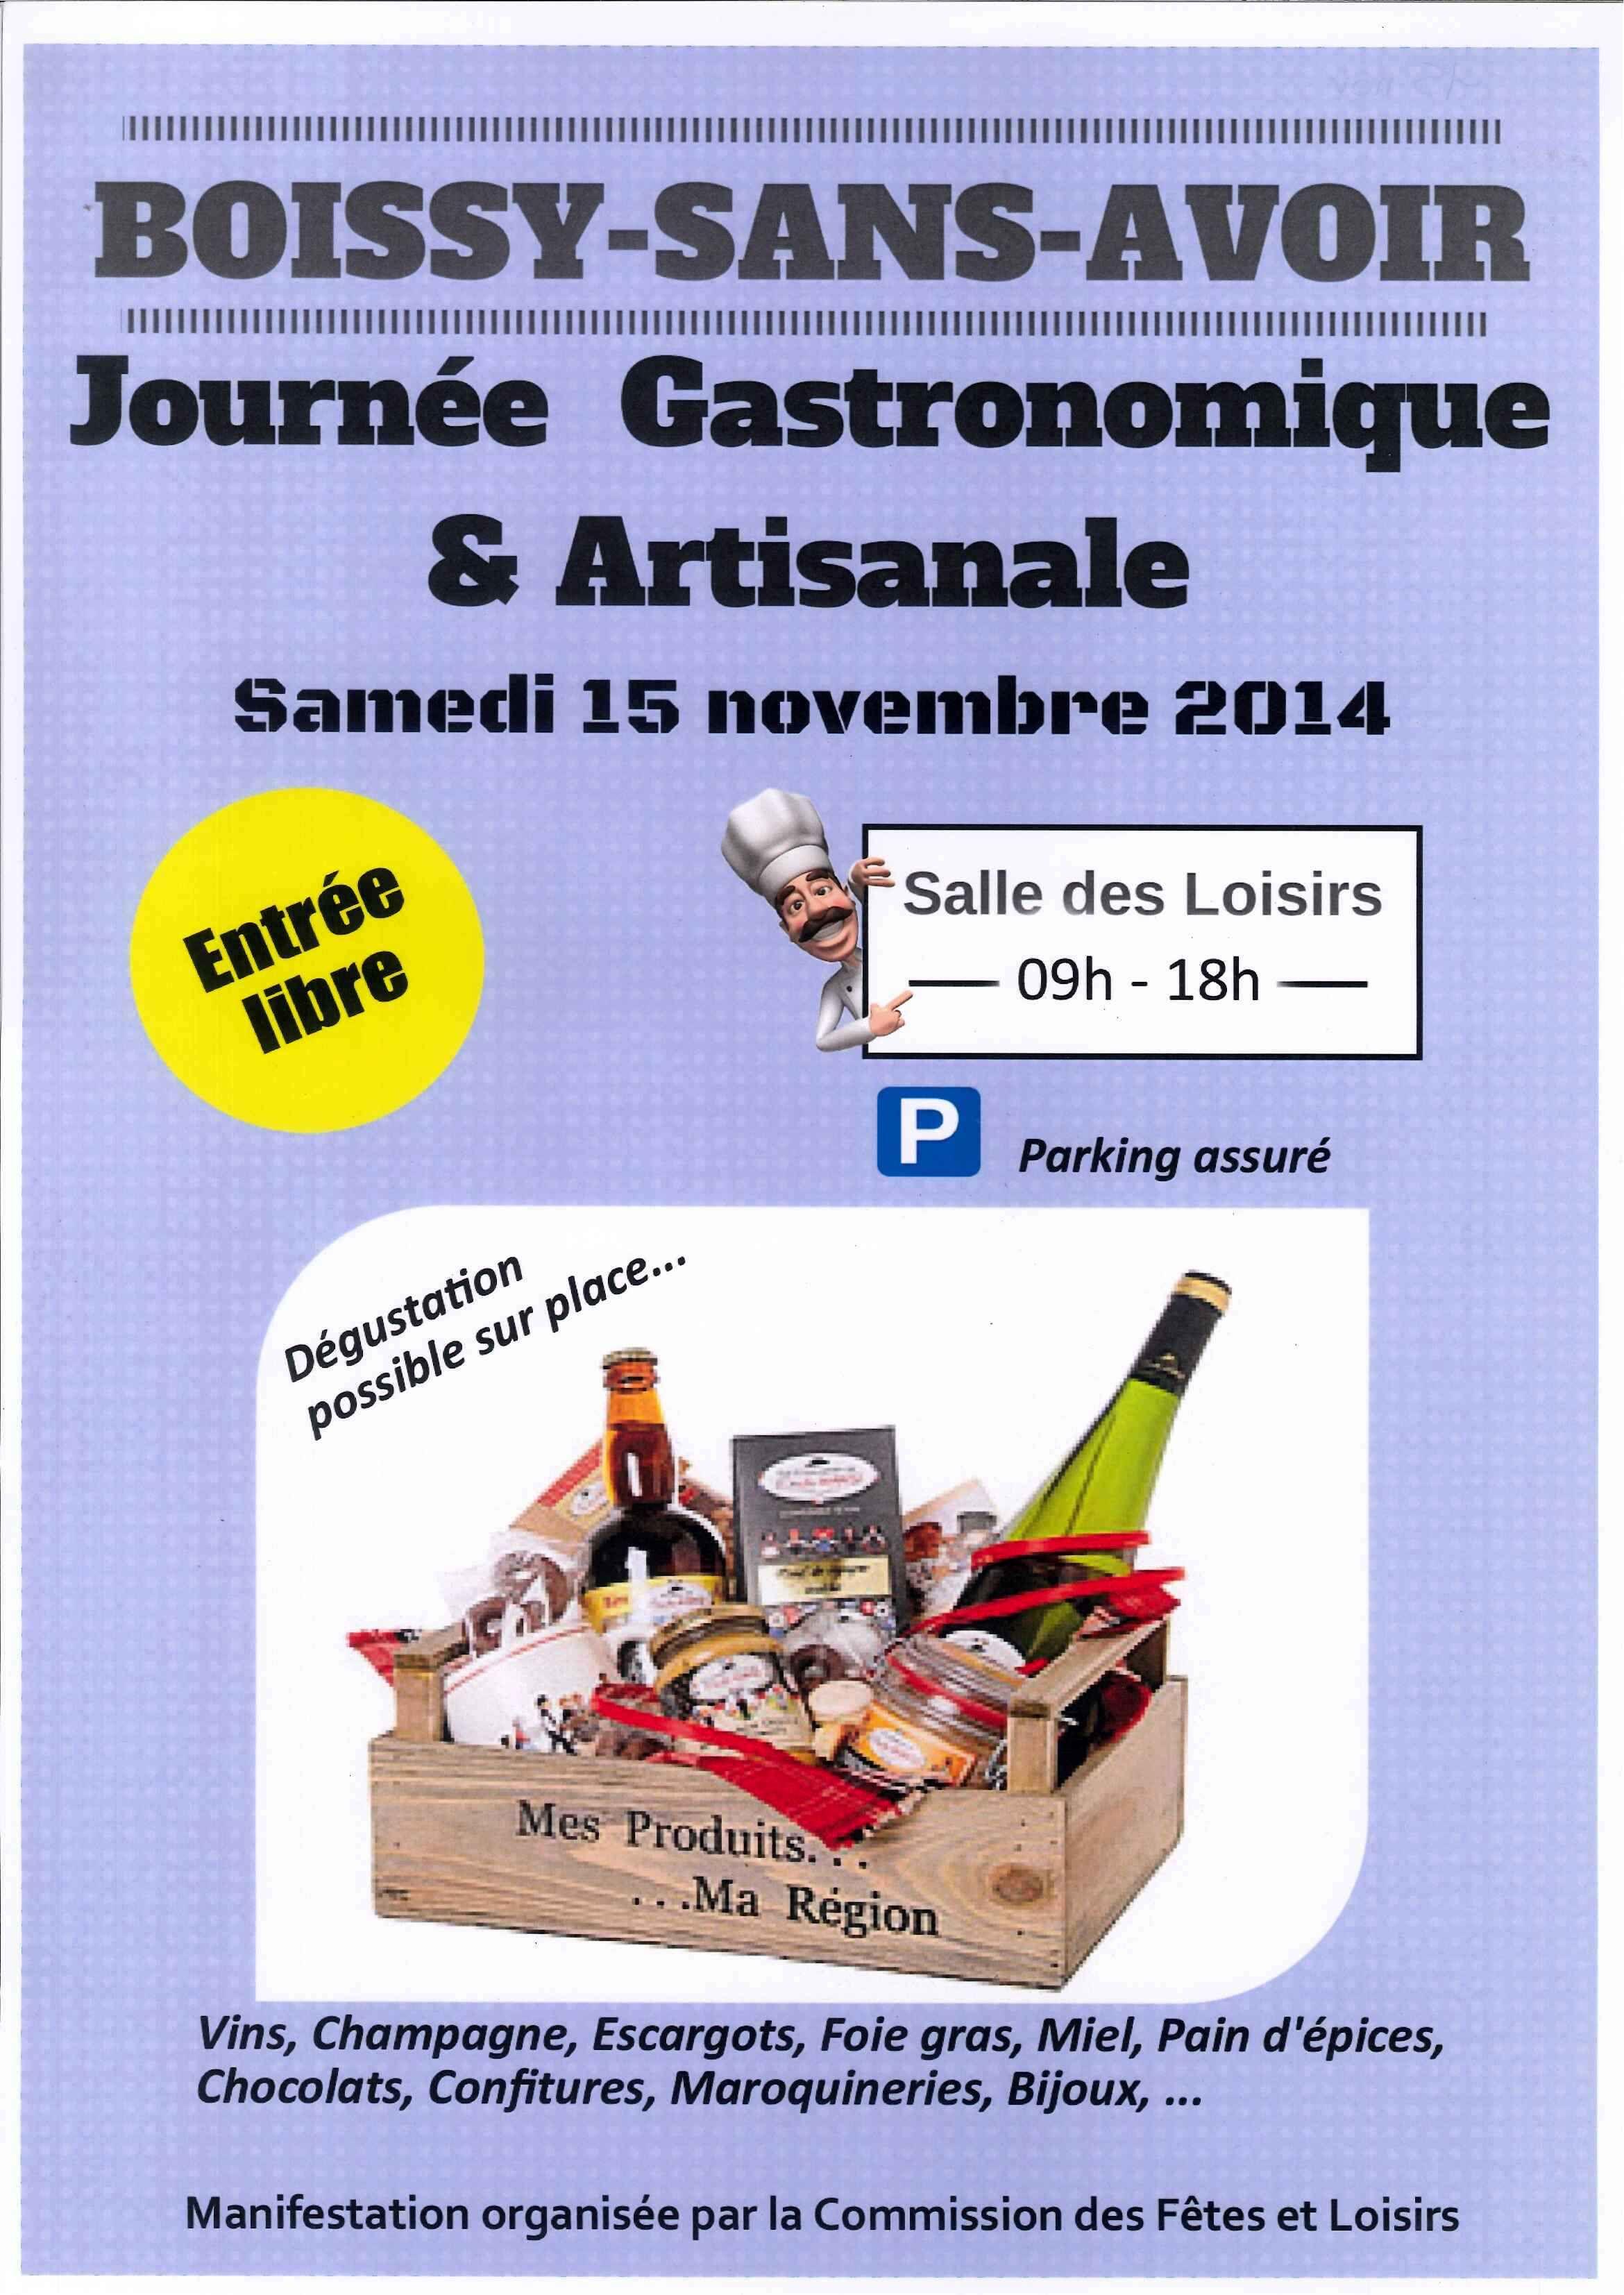 Journée Gastronomique & Artisanale Samedi 15 novembre de 9h à 18h